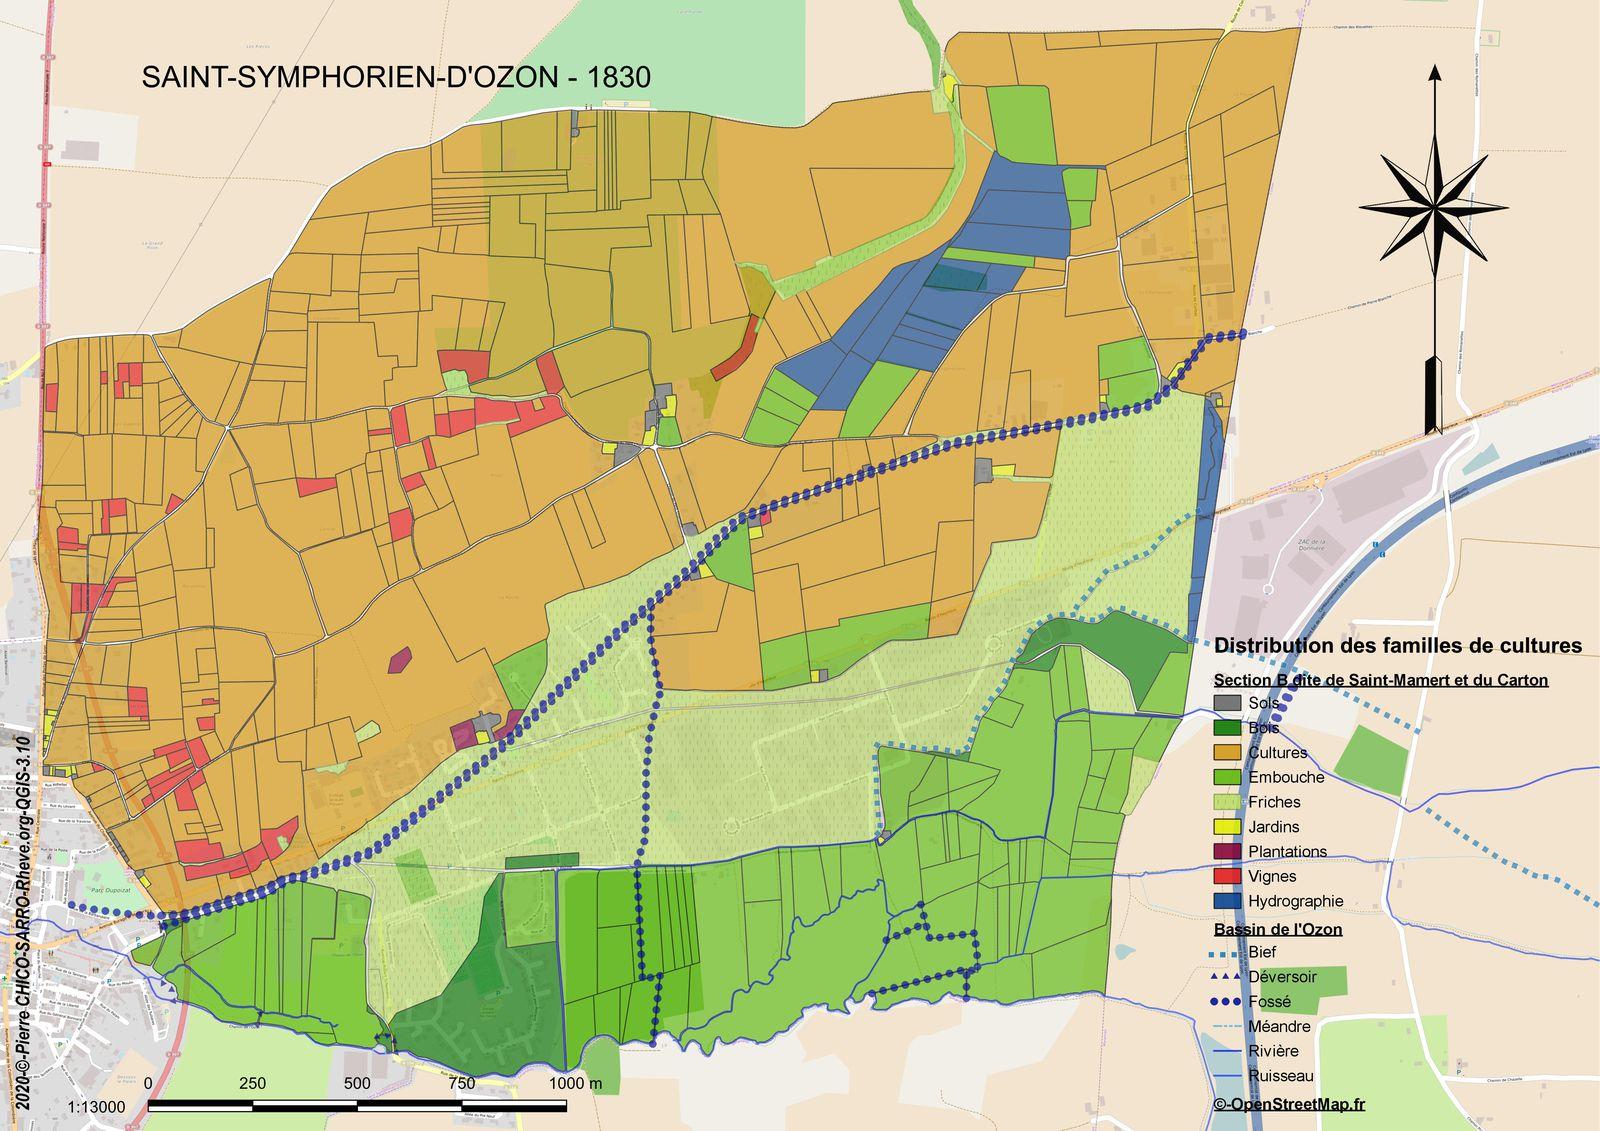 Distribution des familles de cultures dans la section B dite de Saint-Mamert et du Carton à Saint-Symphorien-d'Ozon en 1830